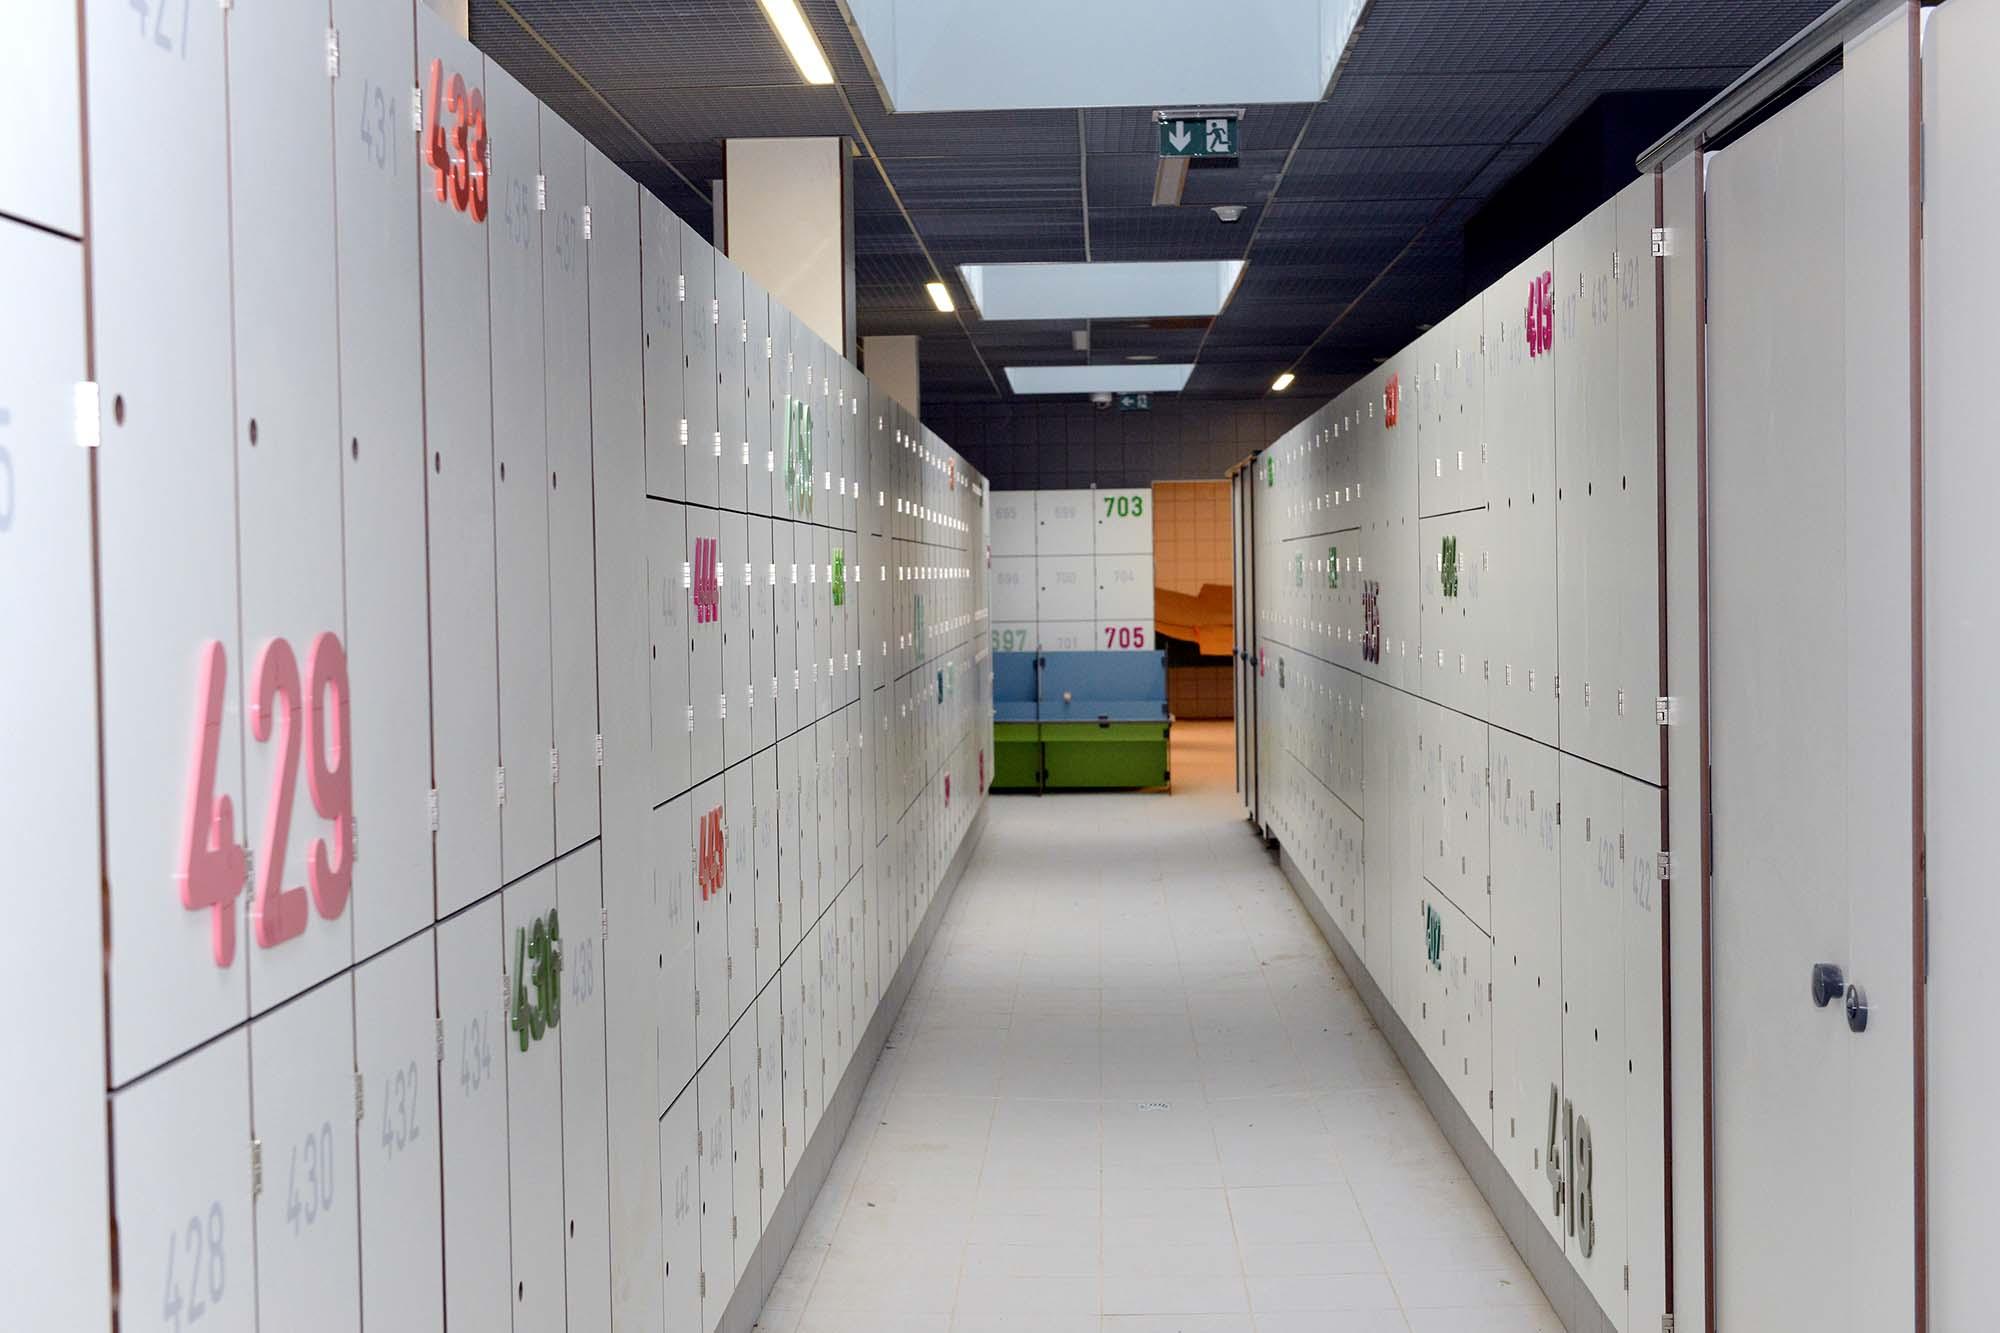 L'équipement disposera de 16 vestiaires collectifs, 50 cabines individuelles et 706 casiers individuels.